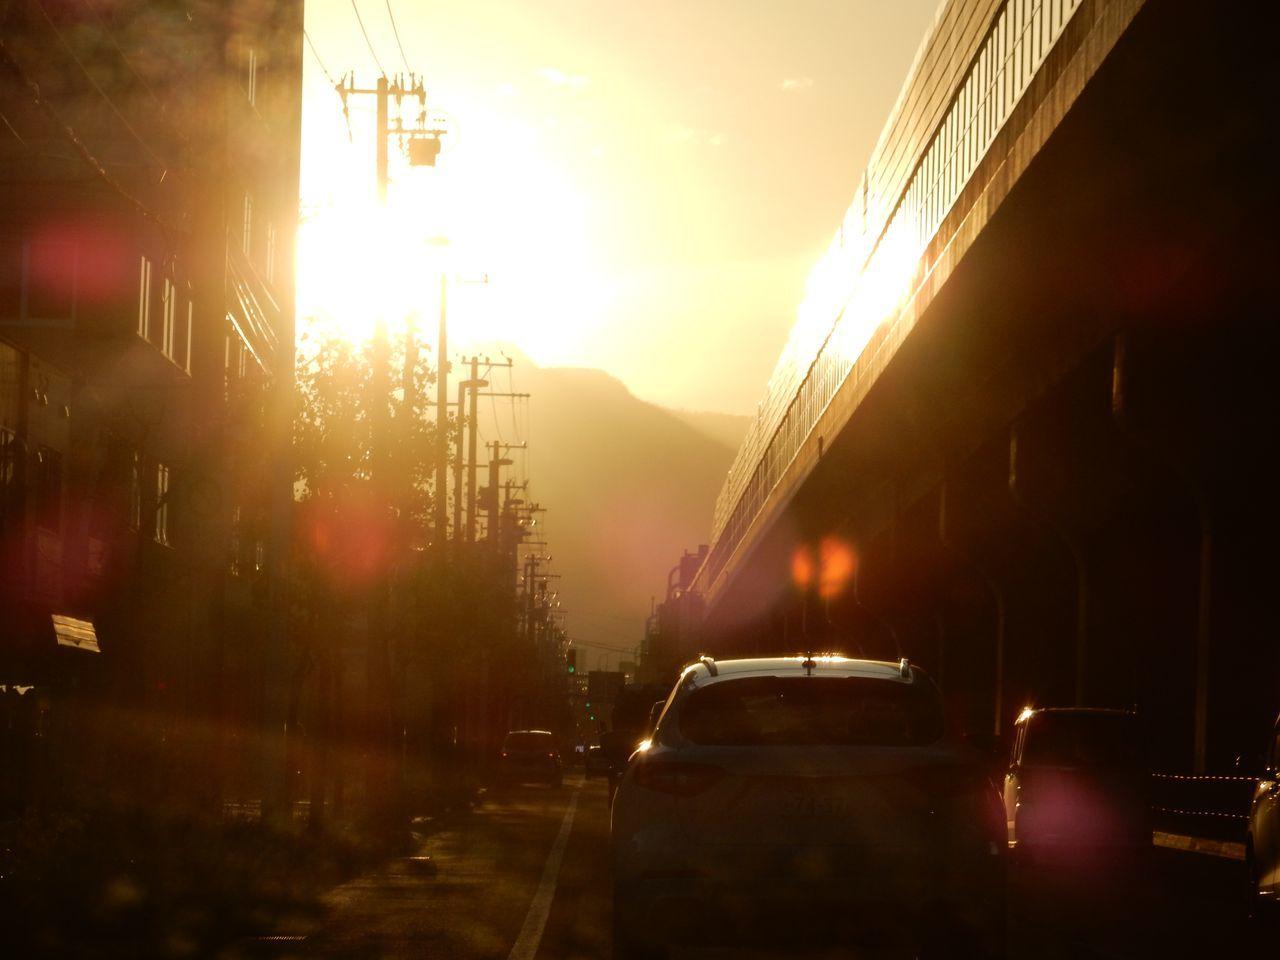 久々に見た手稲山頂への落日_c0025115_23424631.jpg